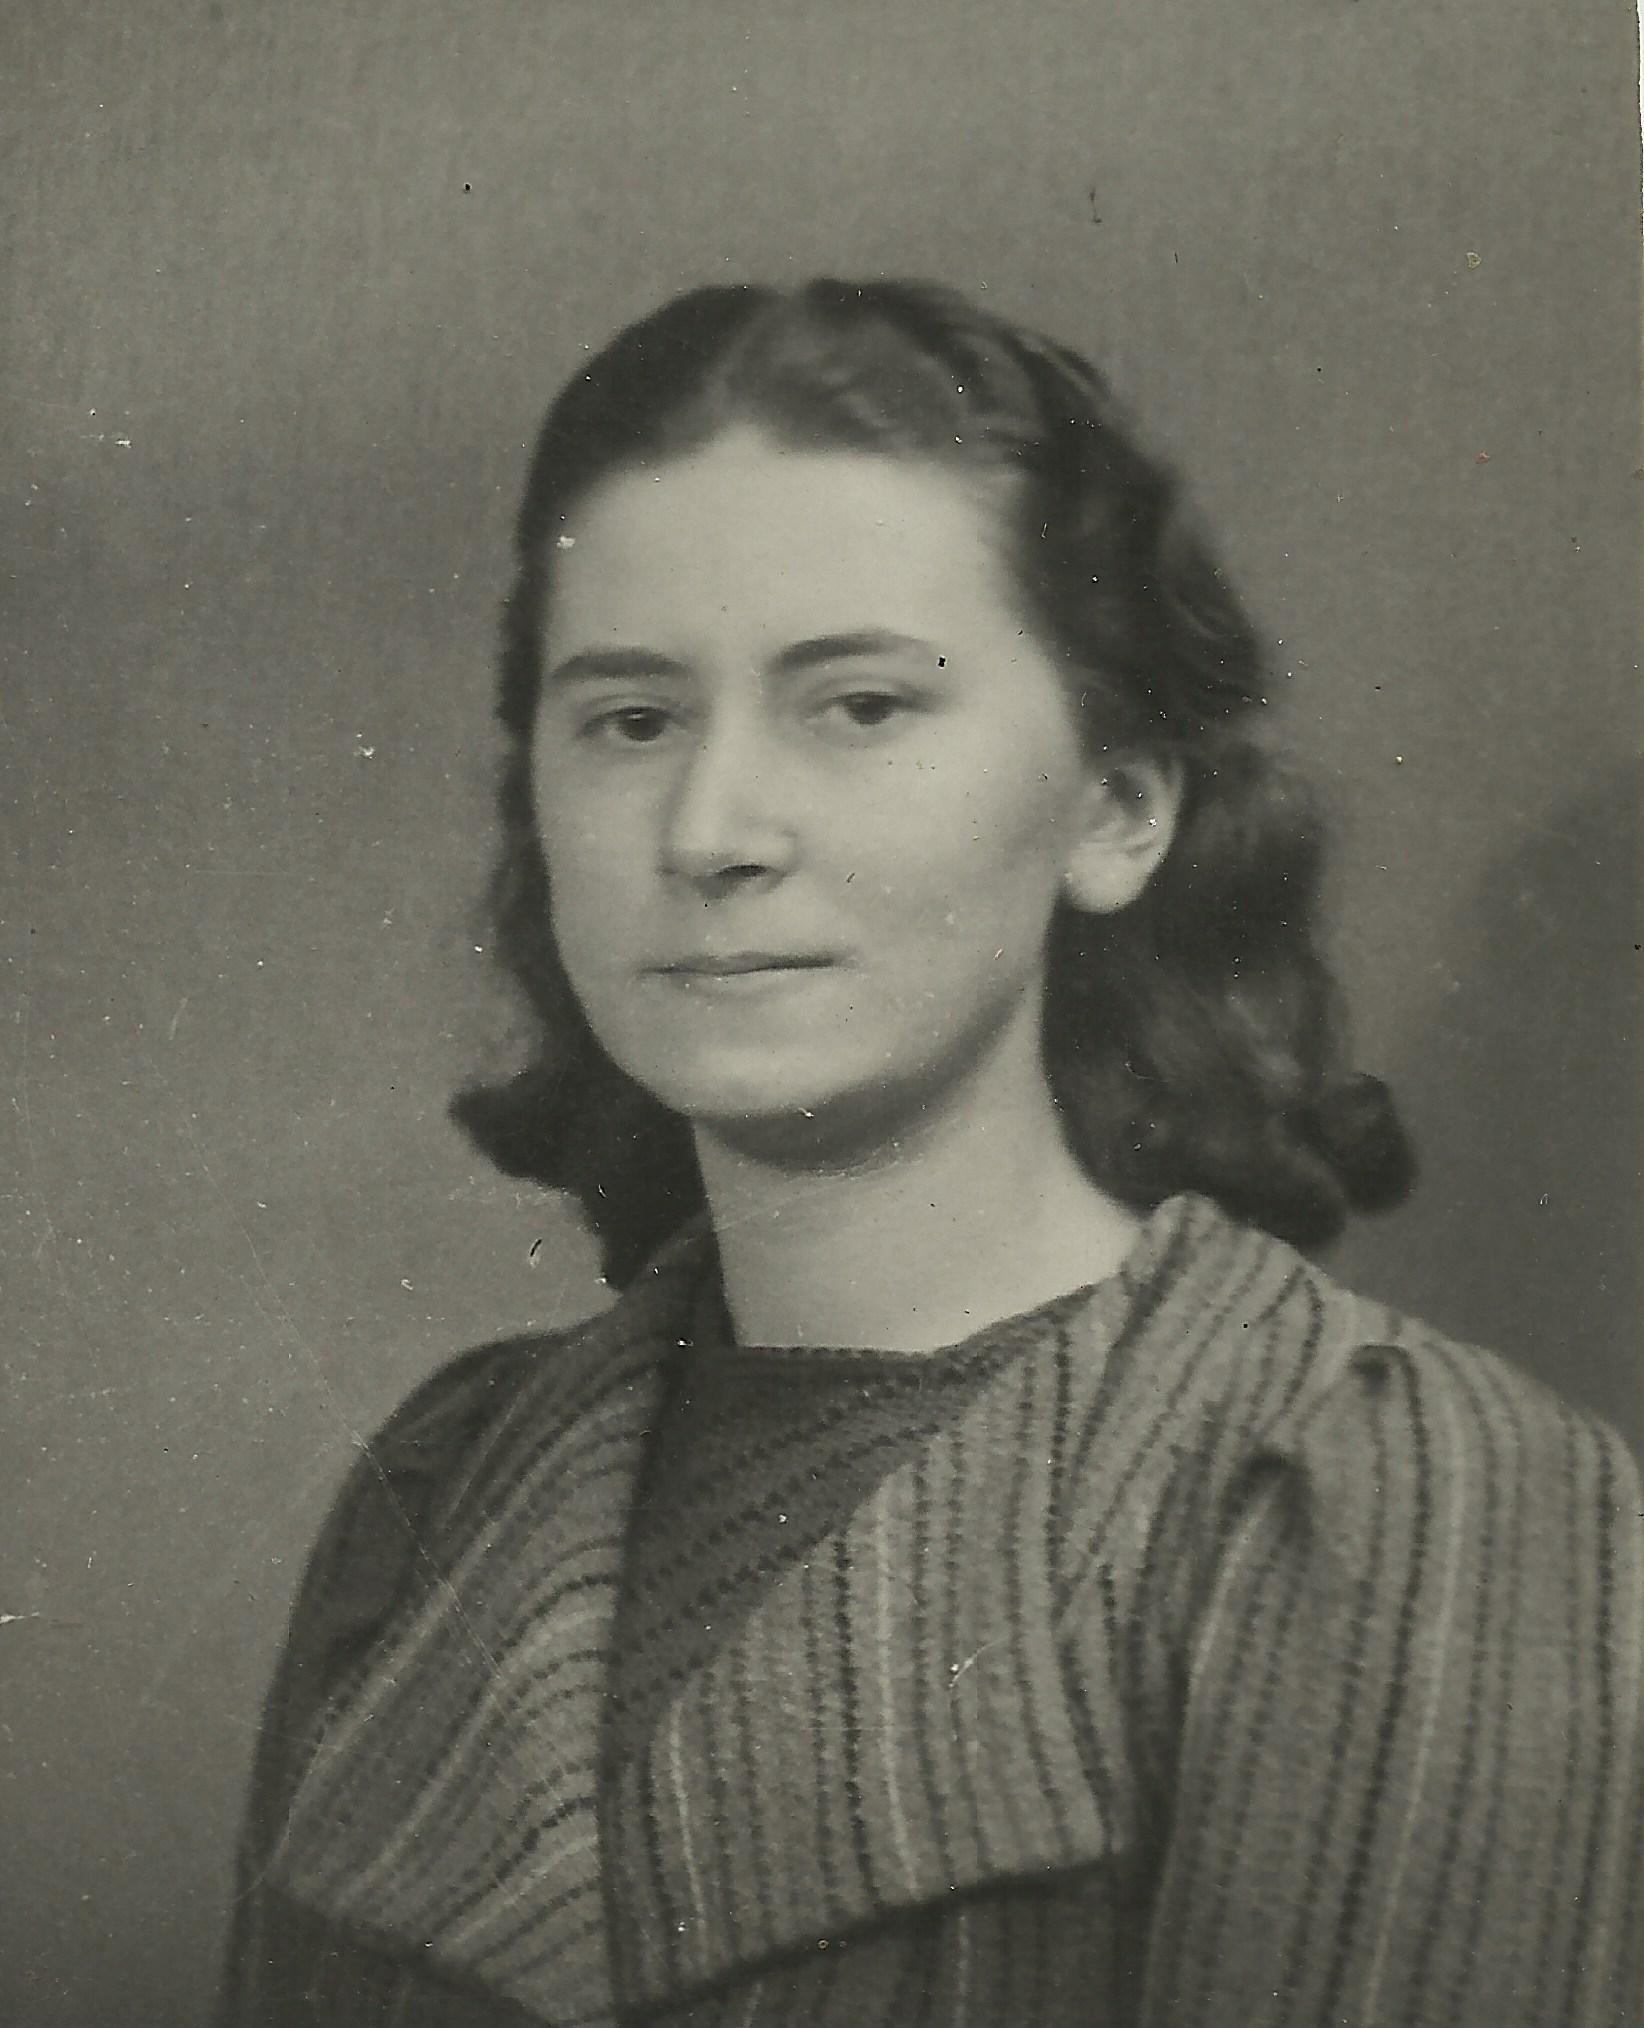 Paulette Haumuller